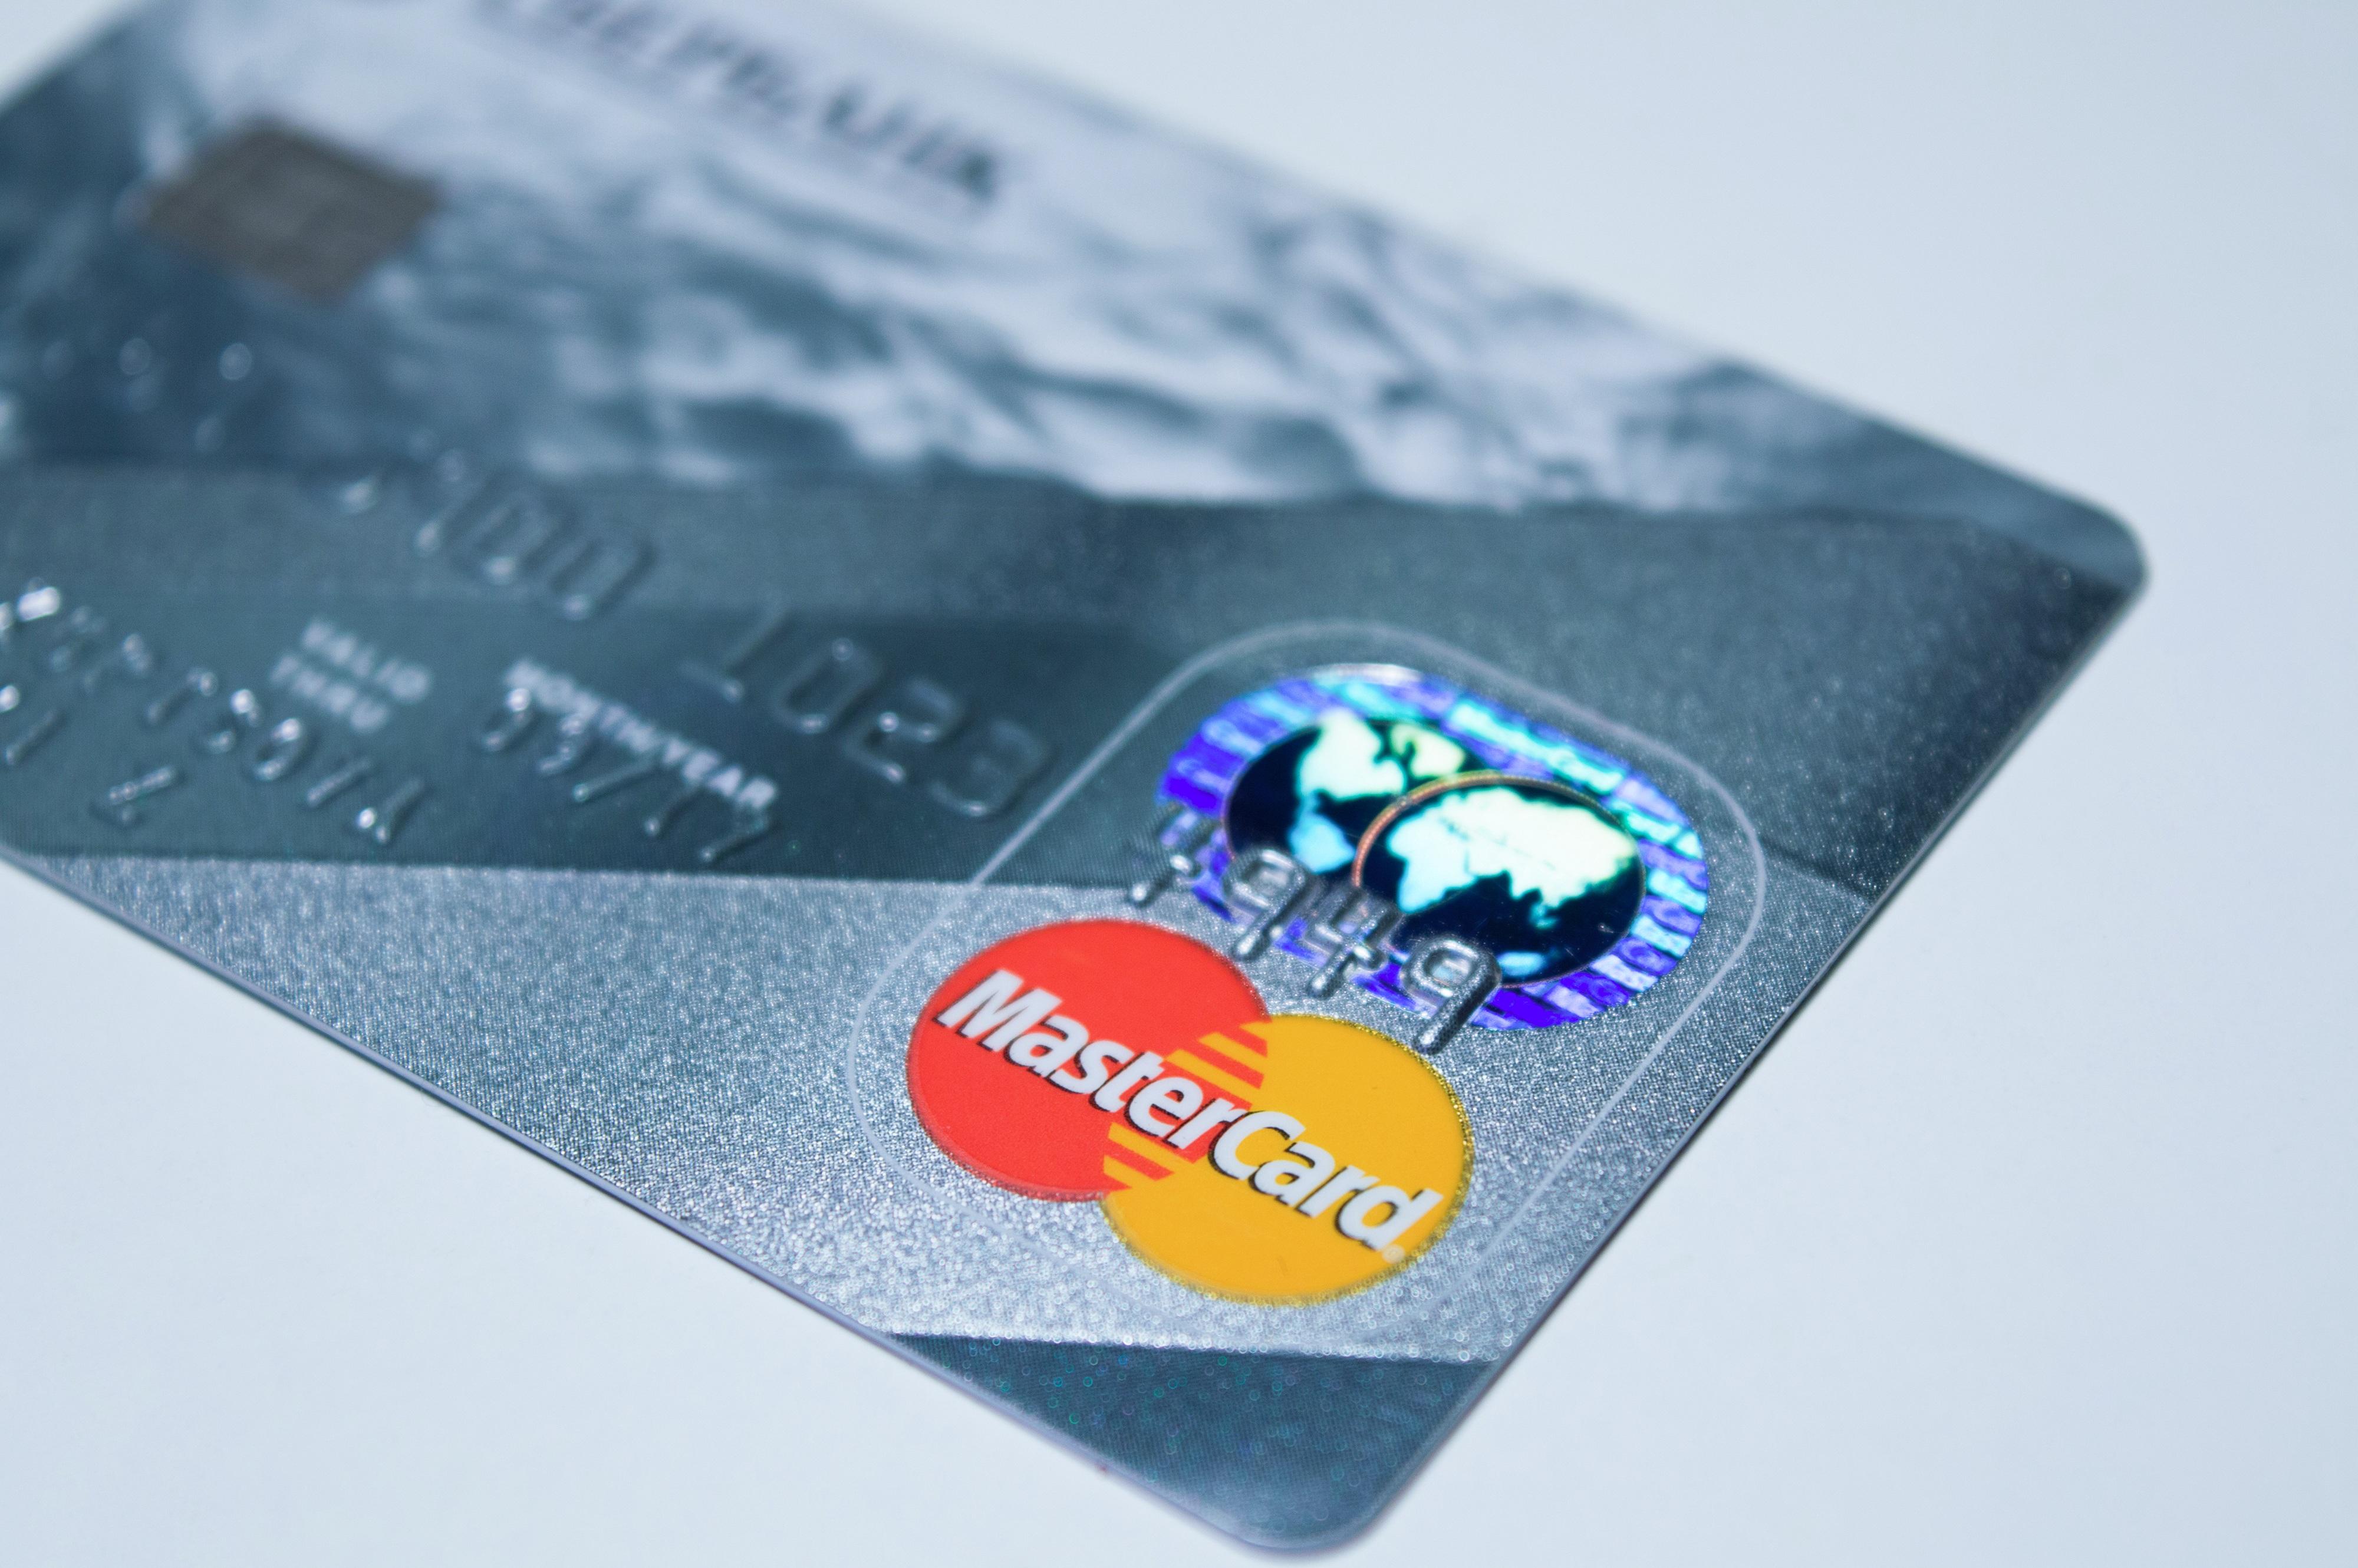 bez kreditnej karty bez dátumu lokalít tmavo duše 2 červená aréne dohazování